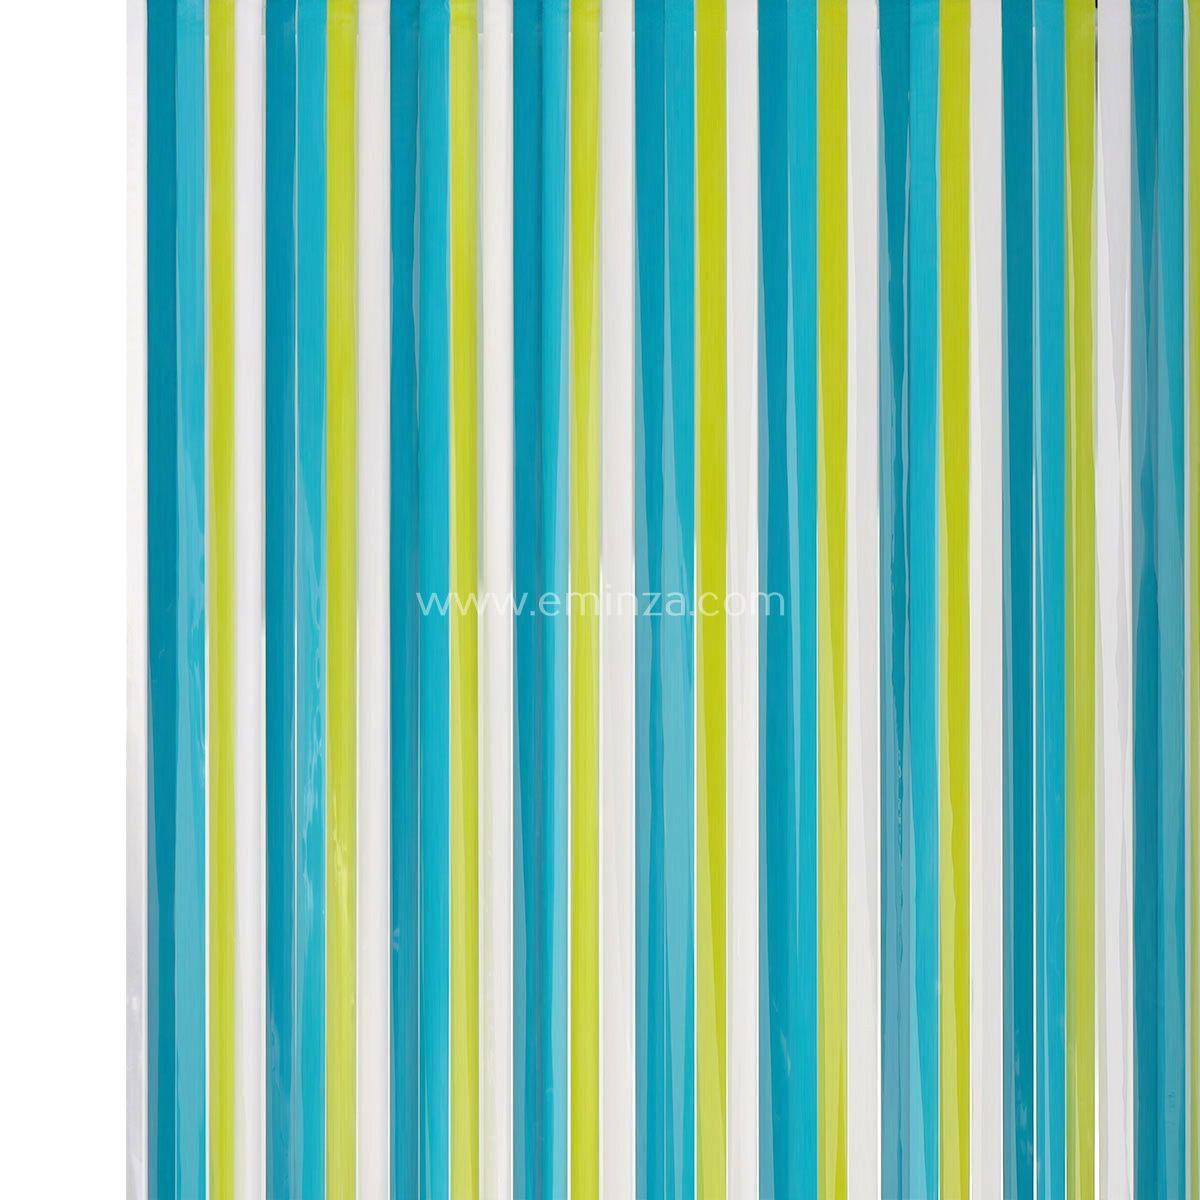 rideau de porte 90 x h220 cm lani res pvc oc an rideau. Black Bedroom Furniture Sets. Home Design Ideas